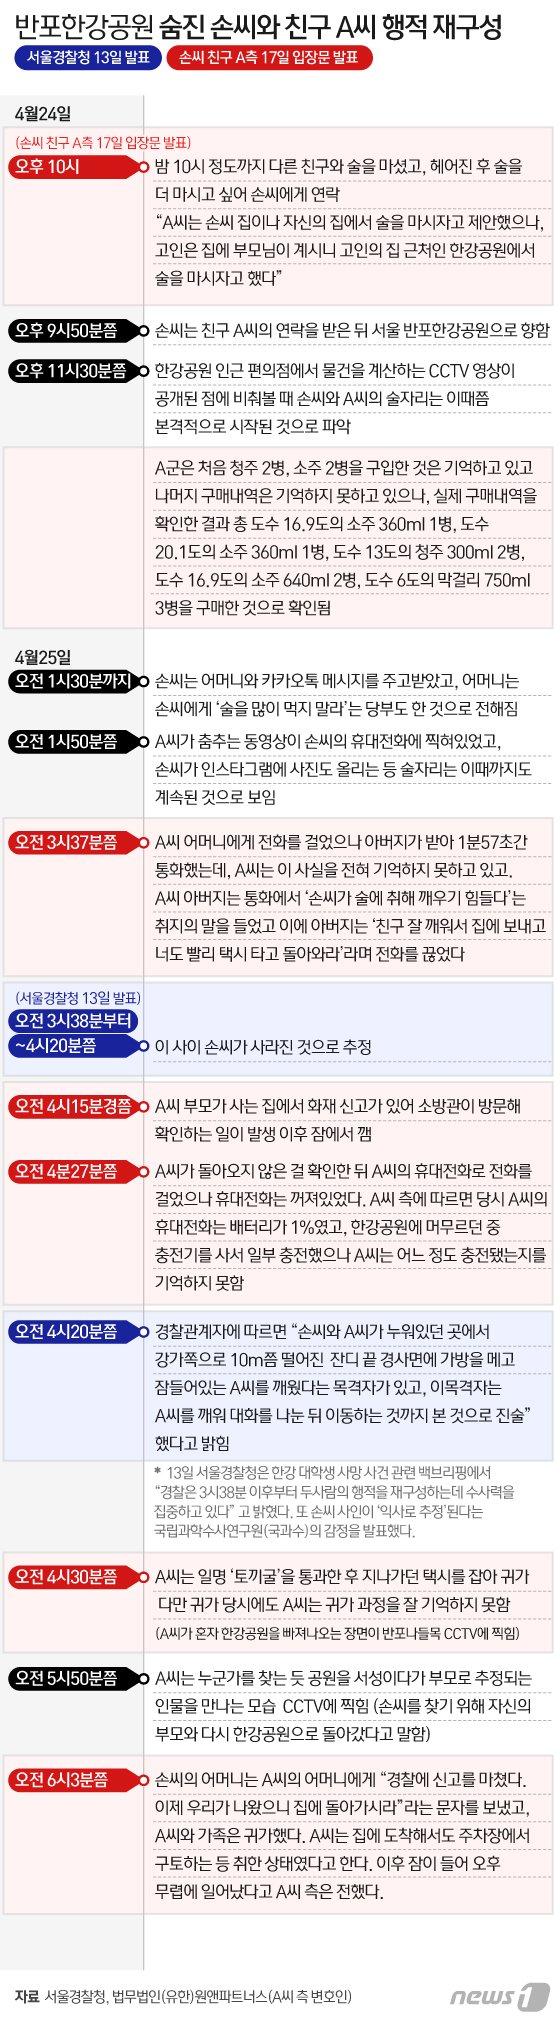 '정민씨 40분' 결정적 목격·영상에 달렸다…친구 해명에도 미궁